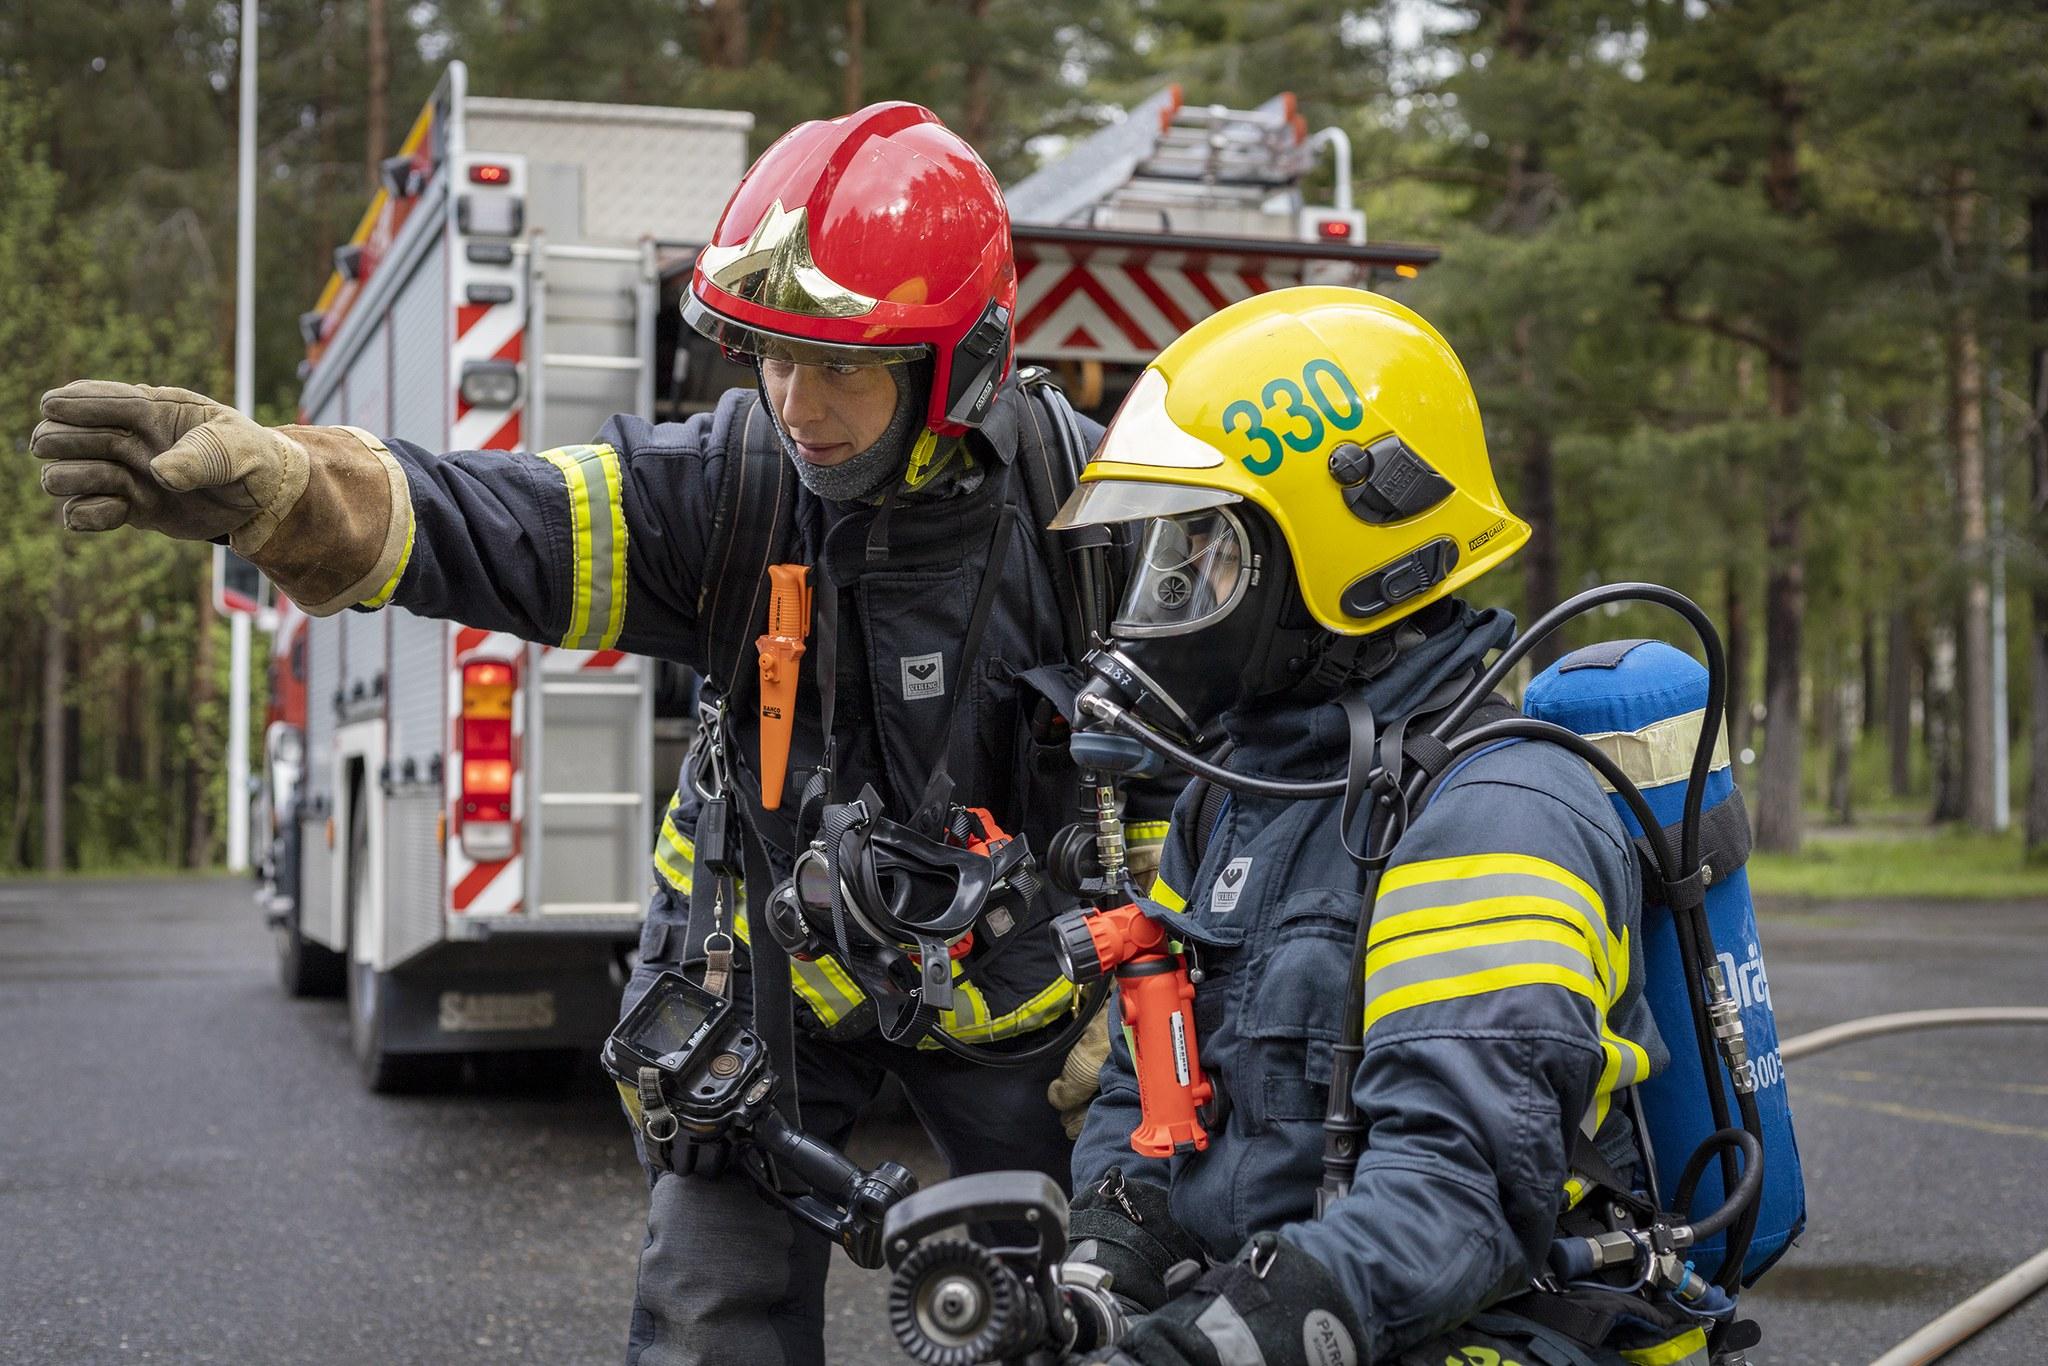 Kaksi palokuntalaista varusteissa, toinen osoittaa kädellä vasemmalle. Takana paloauto.